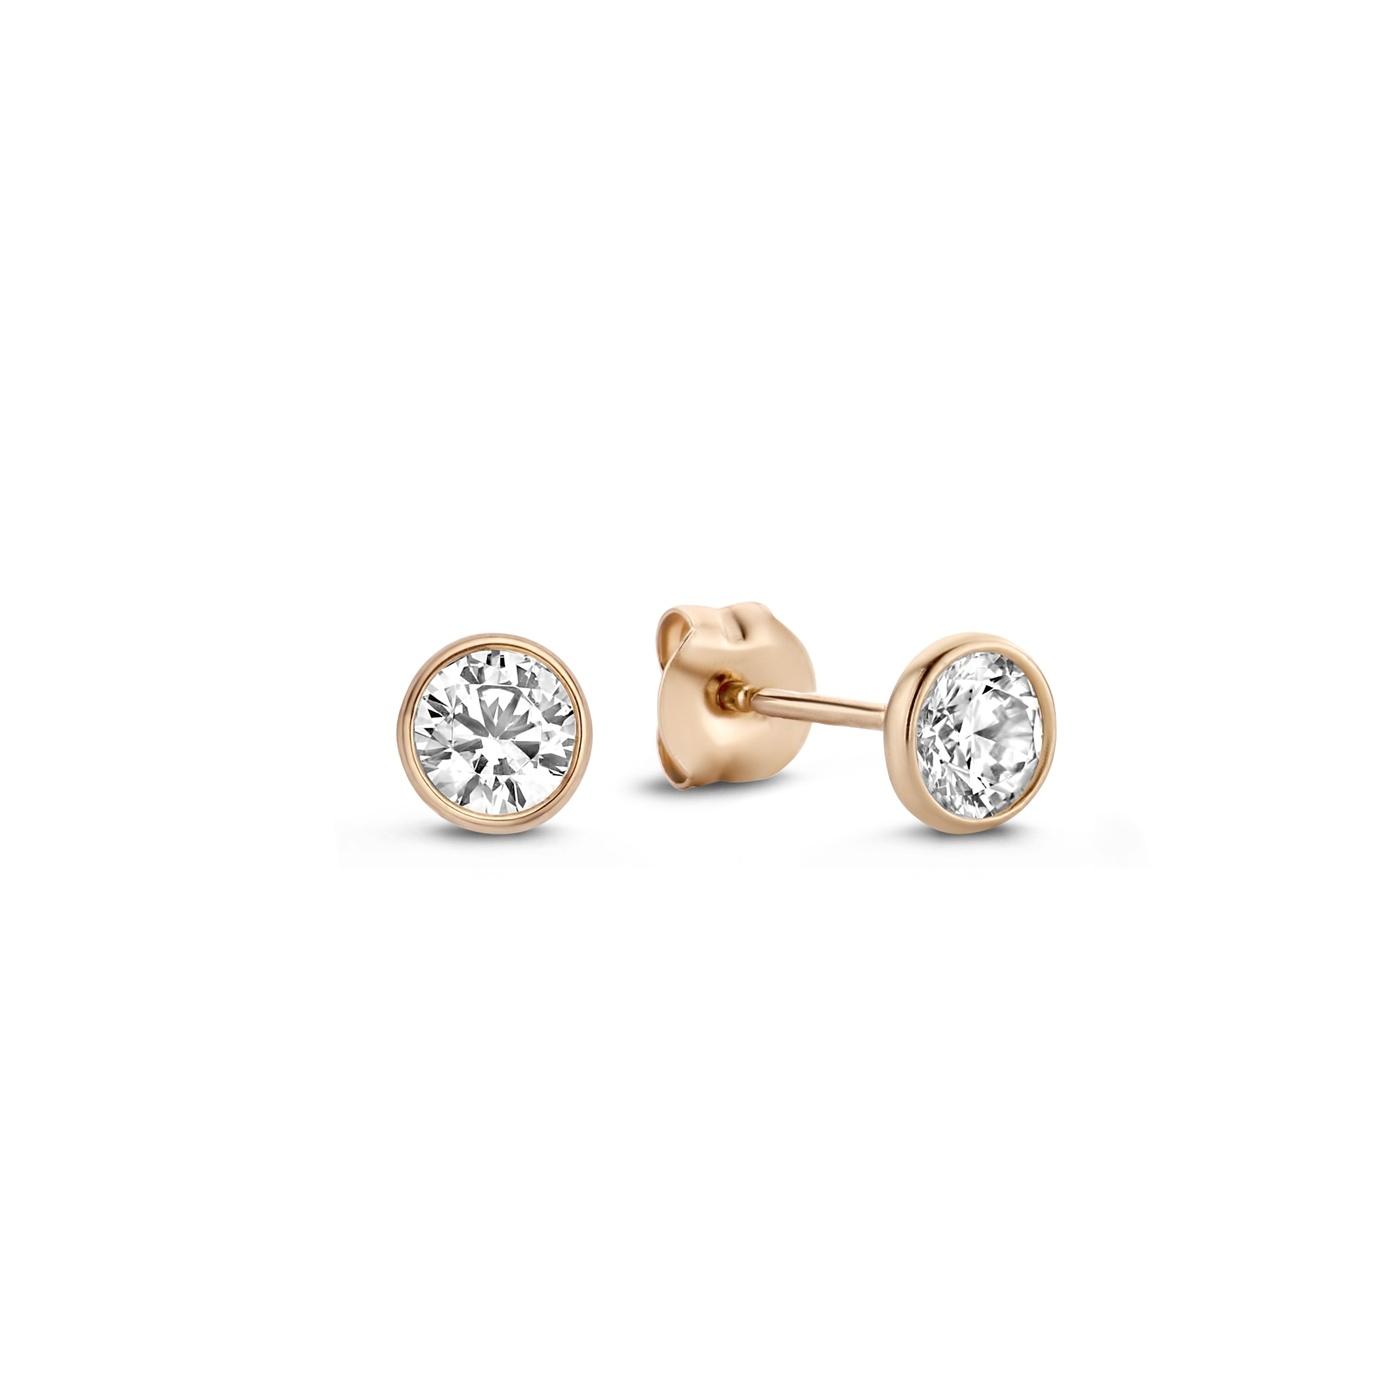 Isabel Bernard La Concorde Loane 14 karaat rosé gouden oorknoppen met zirkonia